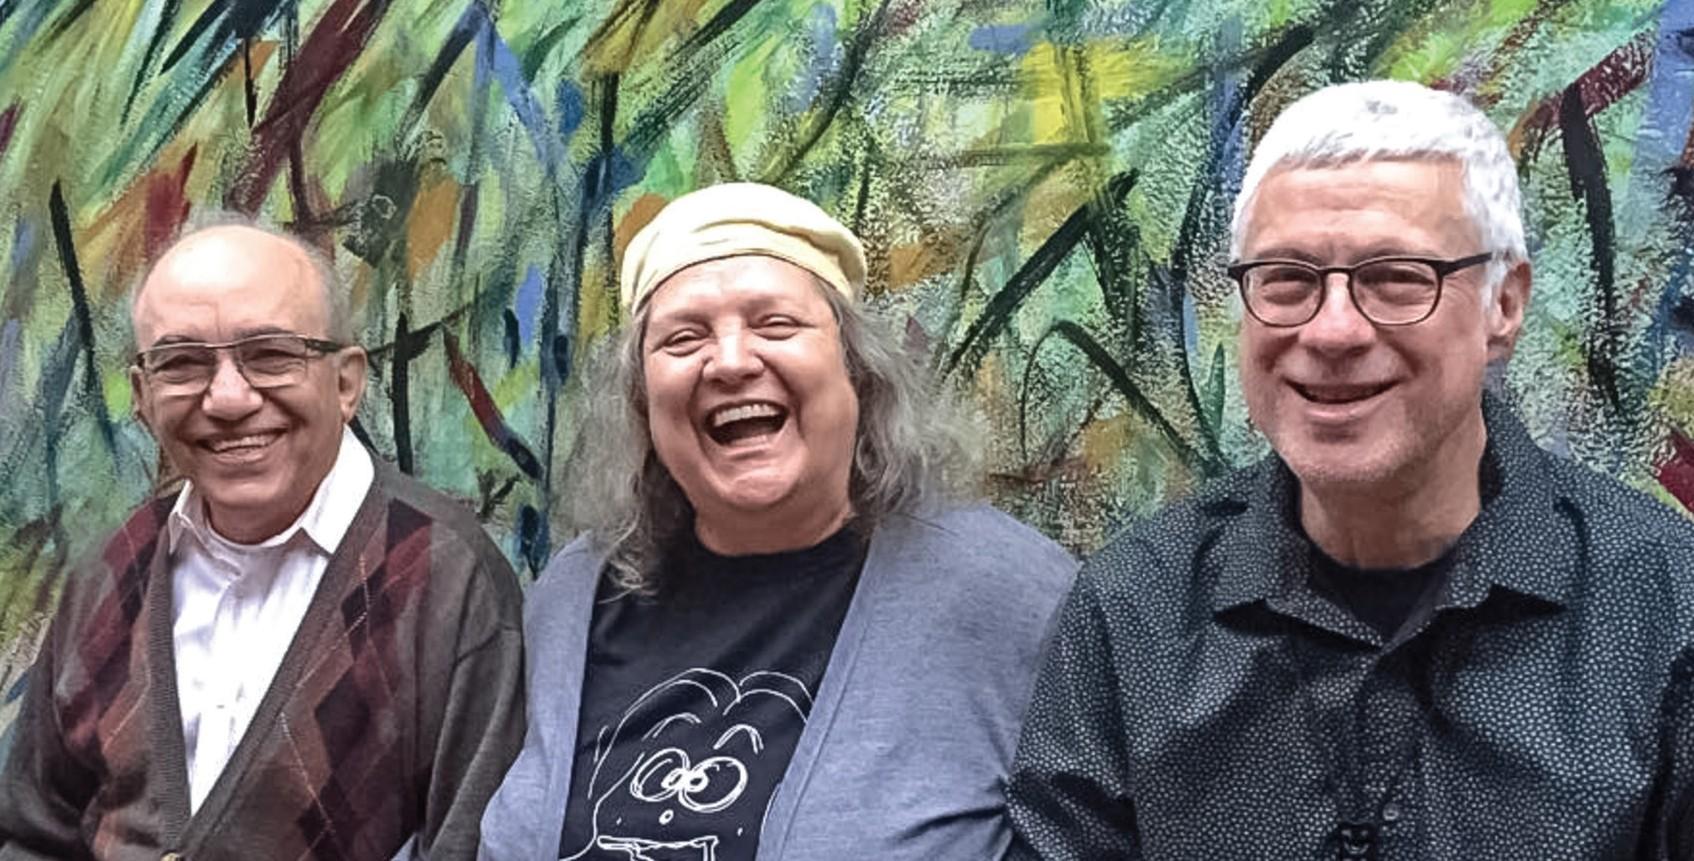 Músicos Amilton Godoy e Léa Freire se juntam com Harvey Wainapel em 'Novos caminhos' - Notícias - Plantão Diário